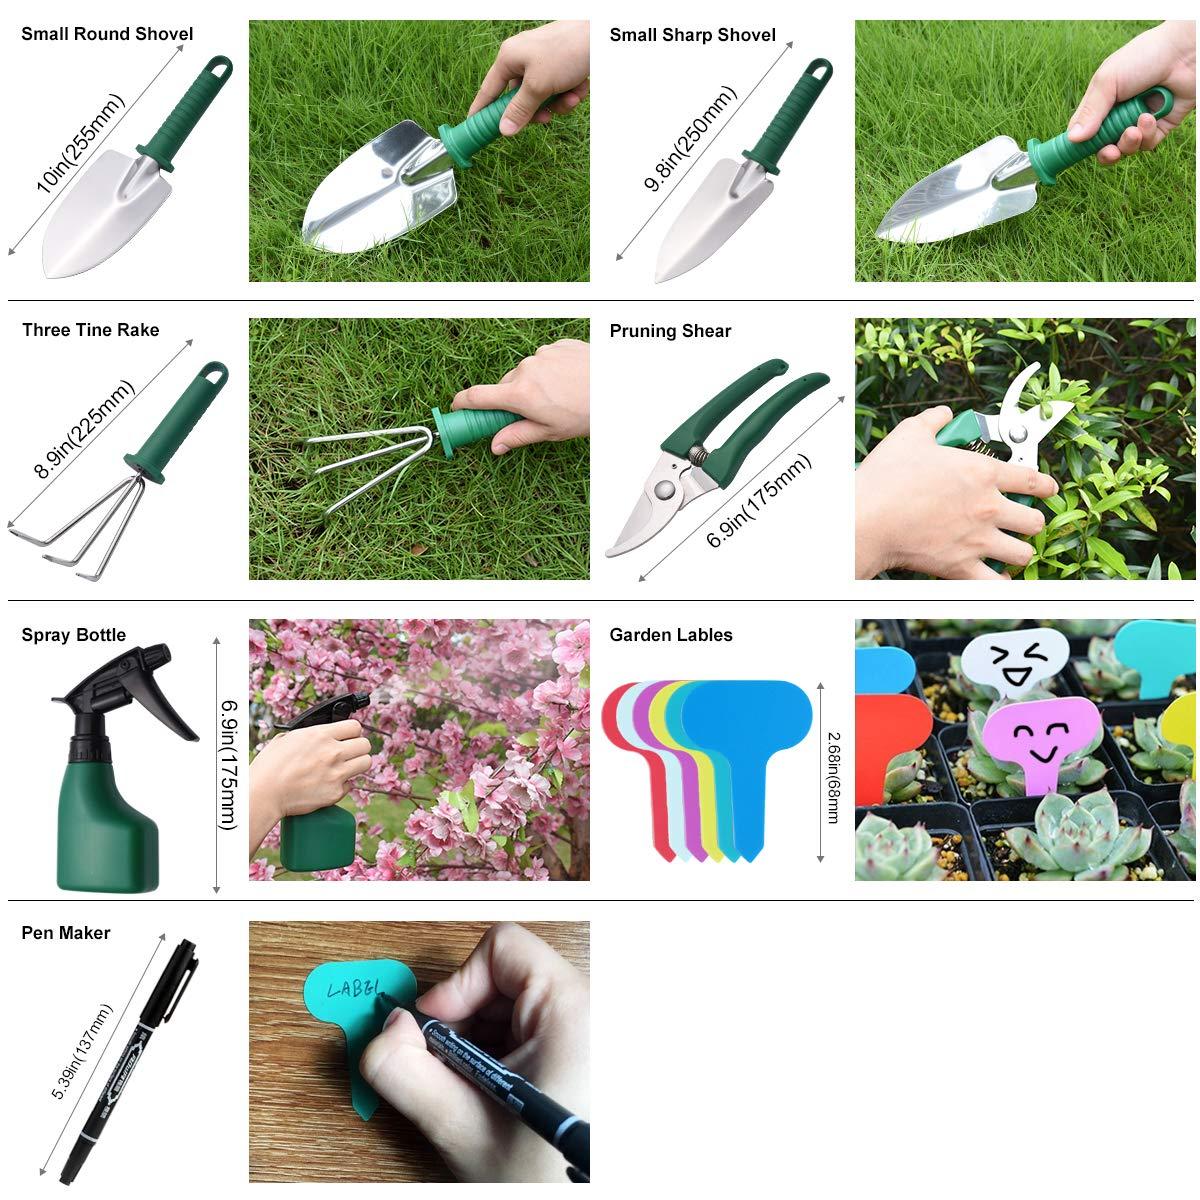 5-teiliges Garten- und Pflanzset mit Tragetasche CT Gartenger/äte-Set Geschenk f/ür Gartenliebhabe ergonomischem Griff Gartenarbeitsset mit lila Blumendruck